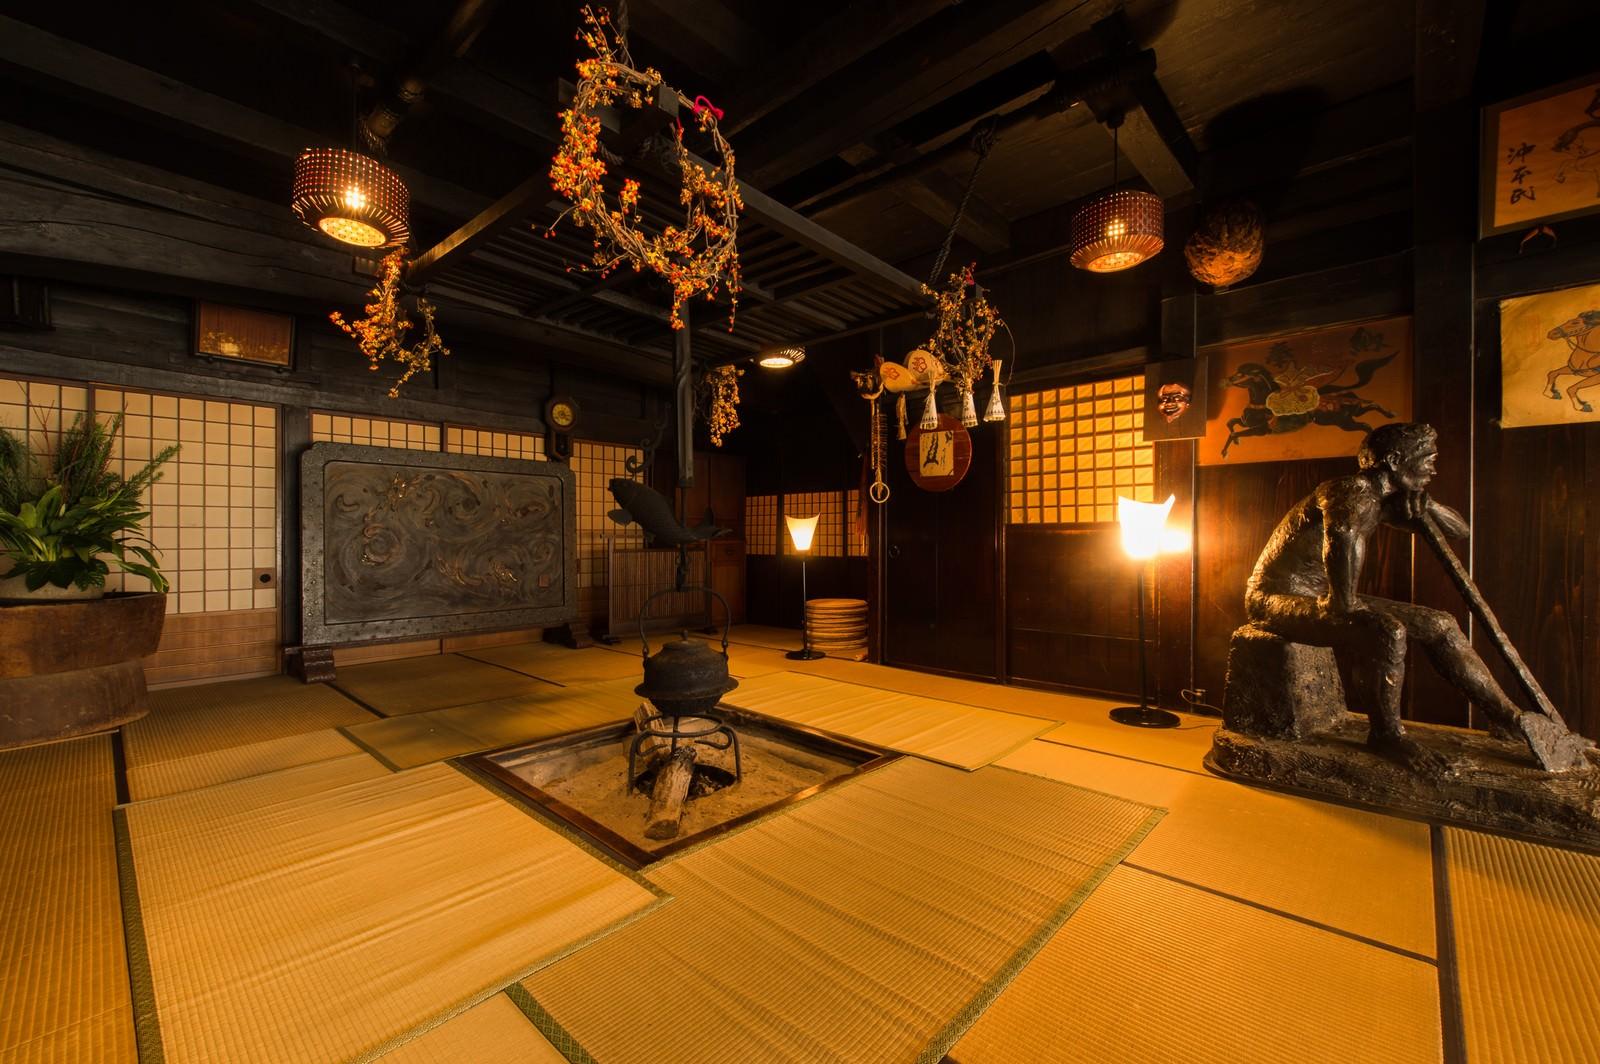 「平湯温泉最古の建物である平湯館旧館」の写真